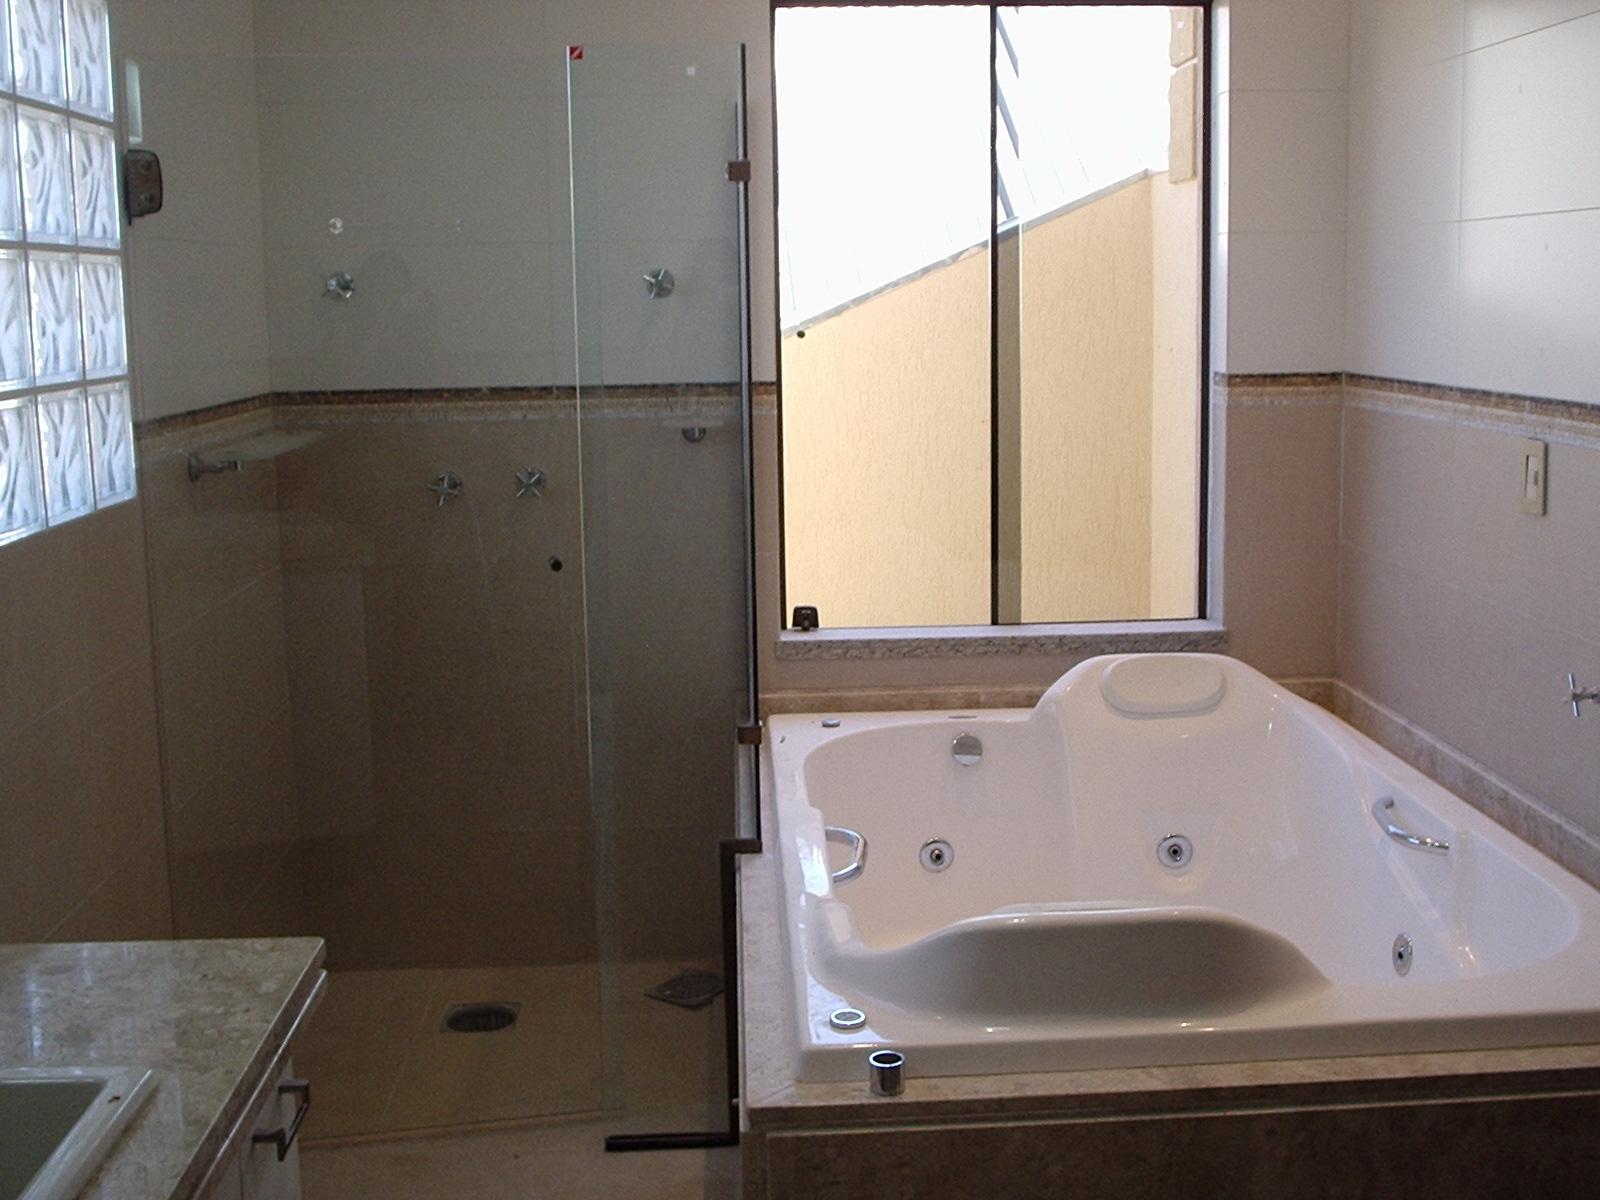 Porcelanatos em tons claros tijolos de vidro e uma ampla janela  #8D6B3E 1600 1200